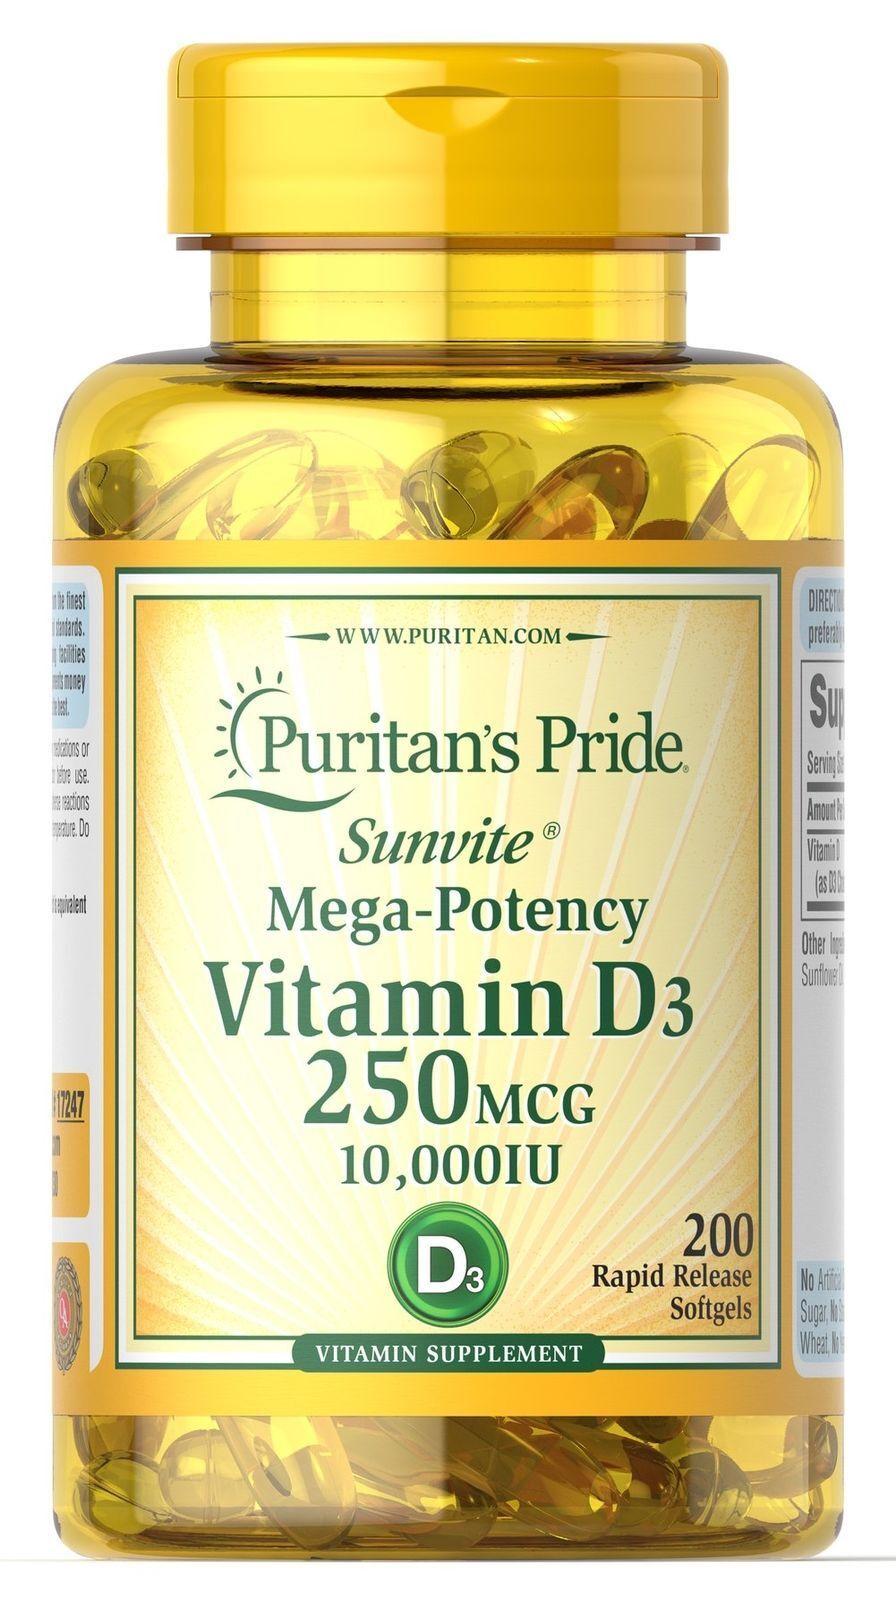 Puritan's Pride Sunvite Mega-Potency Vitamin D3 10000 IU 2